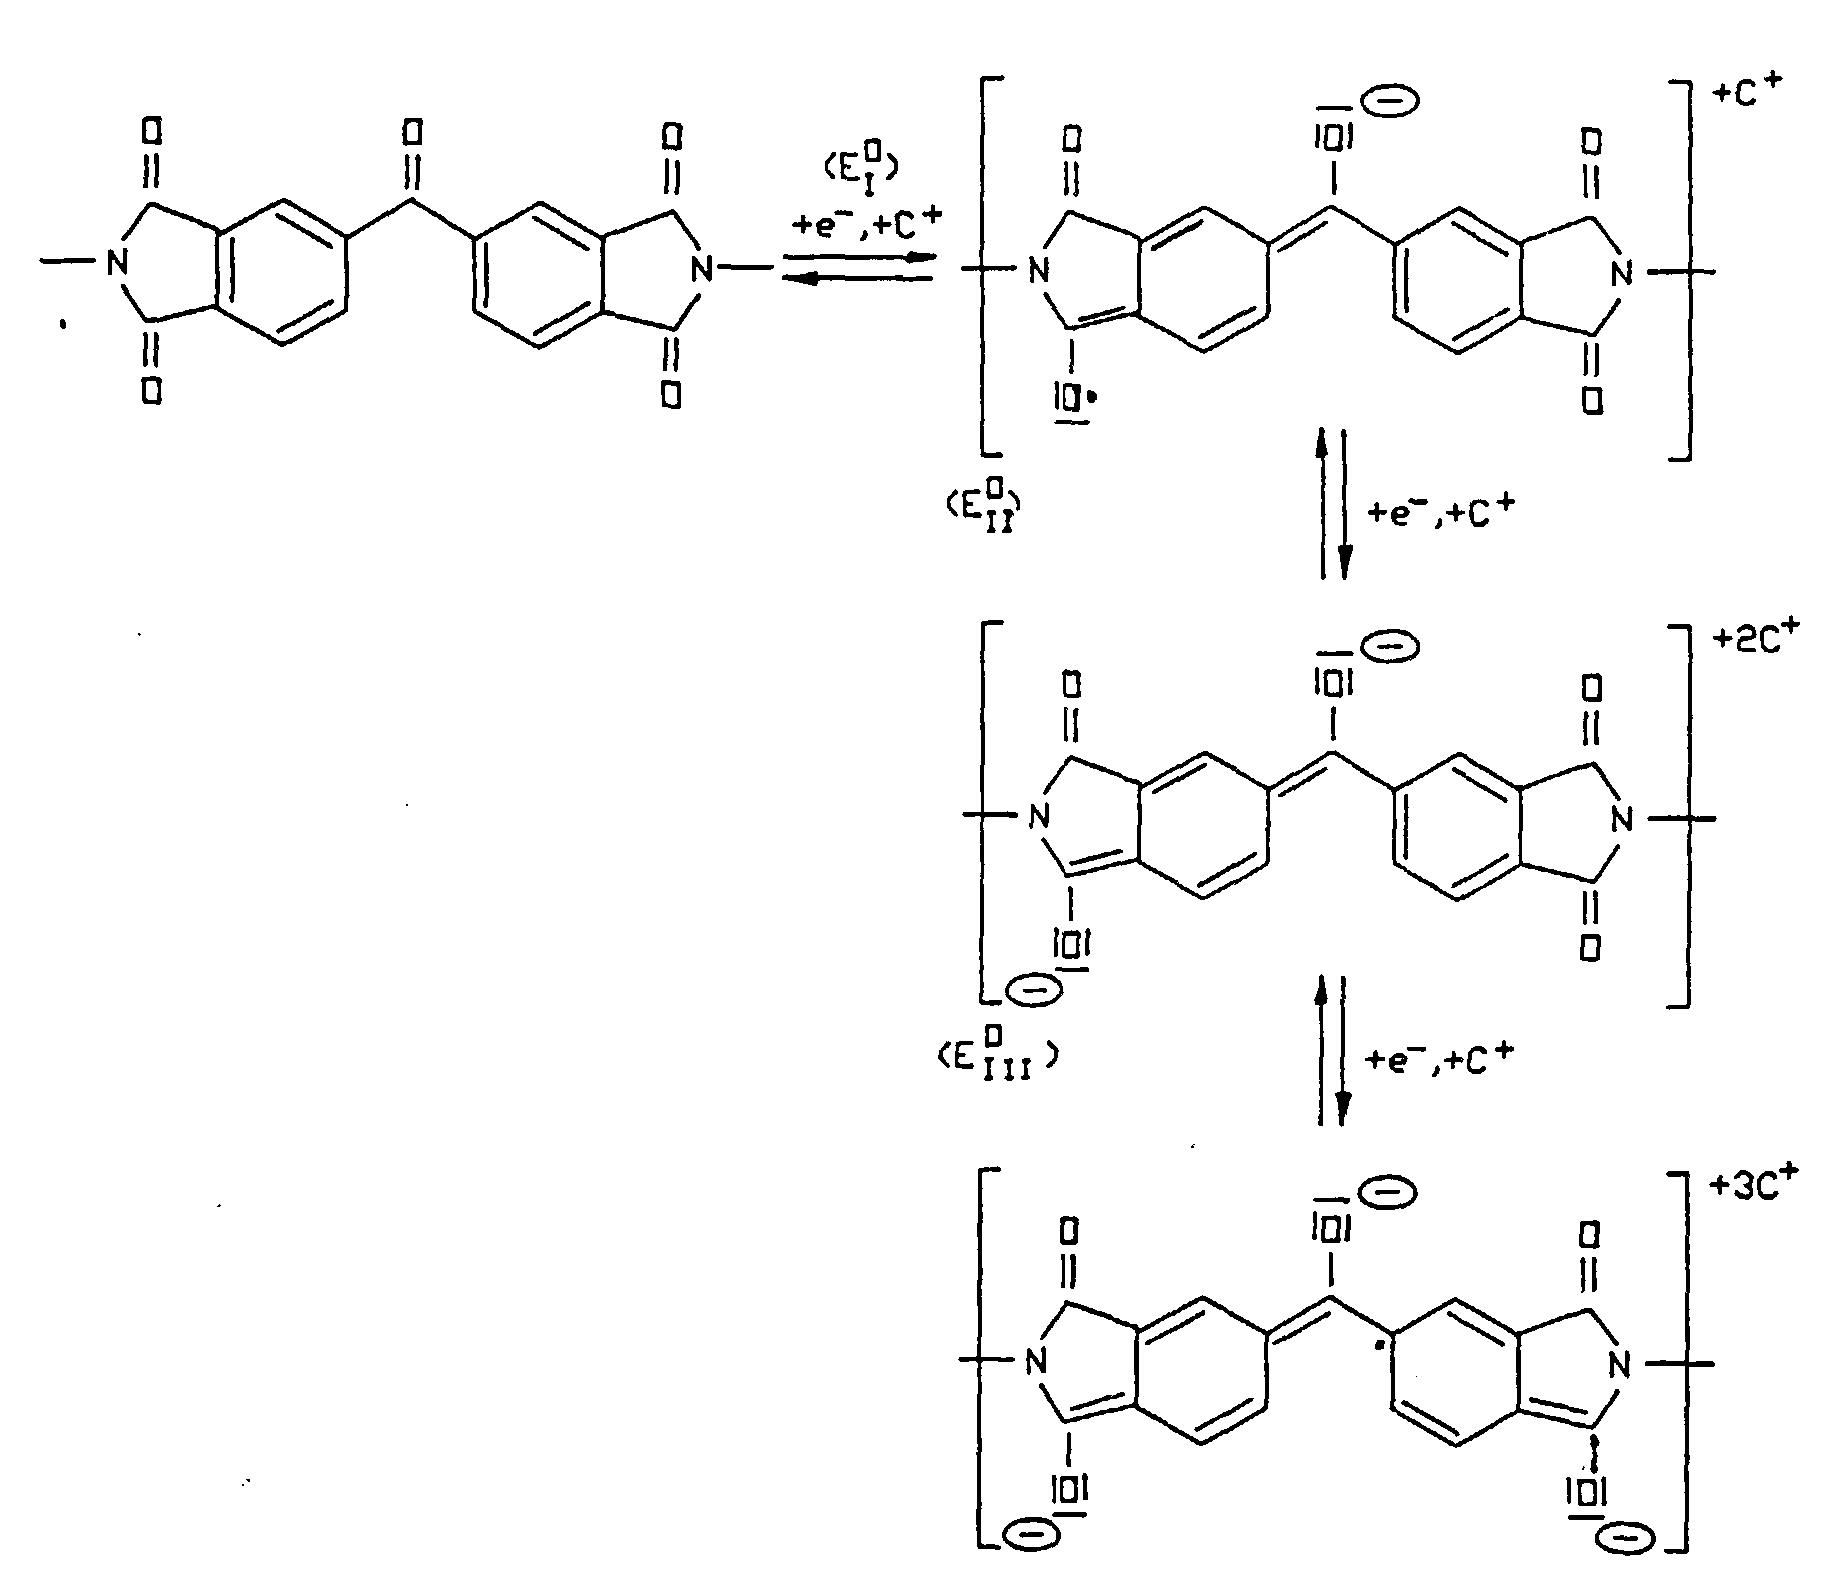 sodium borohydride reduction diphenylmethanol from benzophenone Megan entwistle, maria amos, and paul golubic chem 0330 organic lab 1 sodium borohydride reduction: diphenylmethanol from benzophenone 11/16/11.